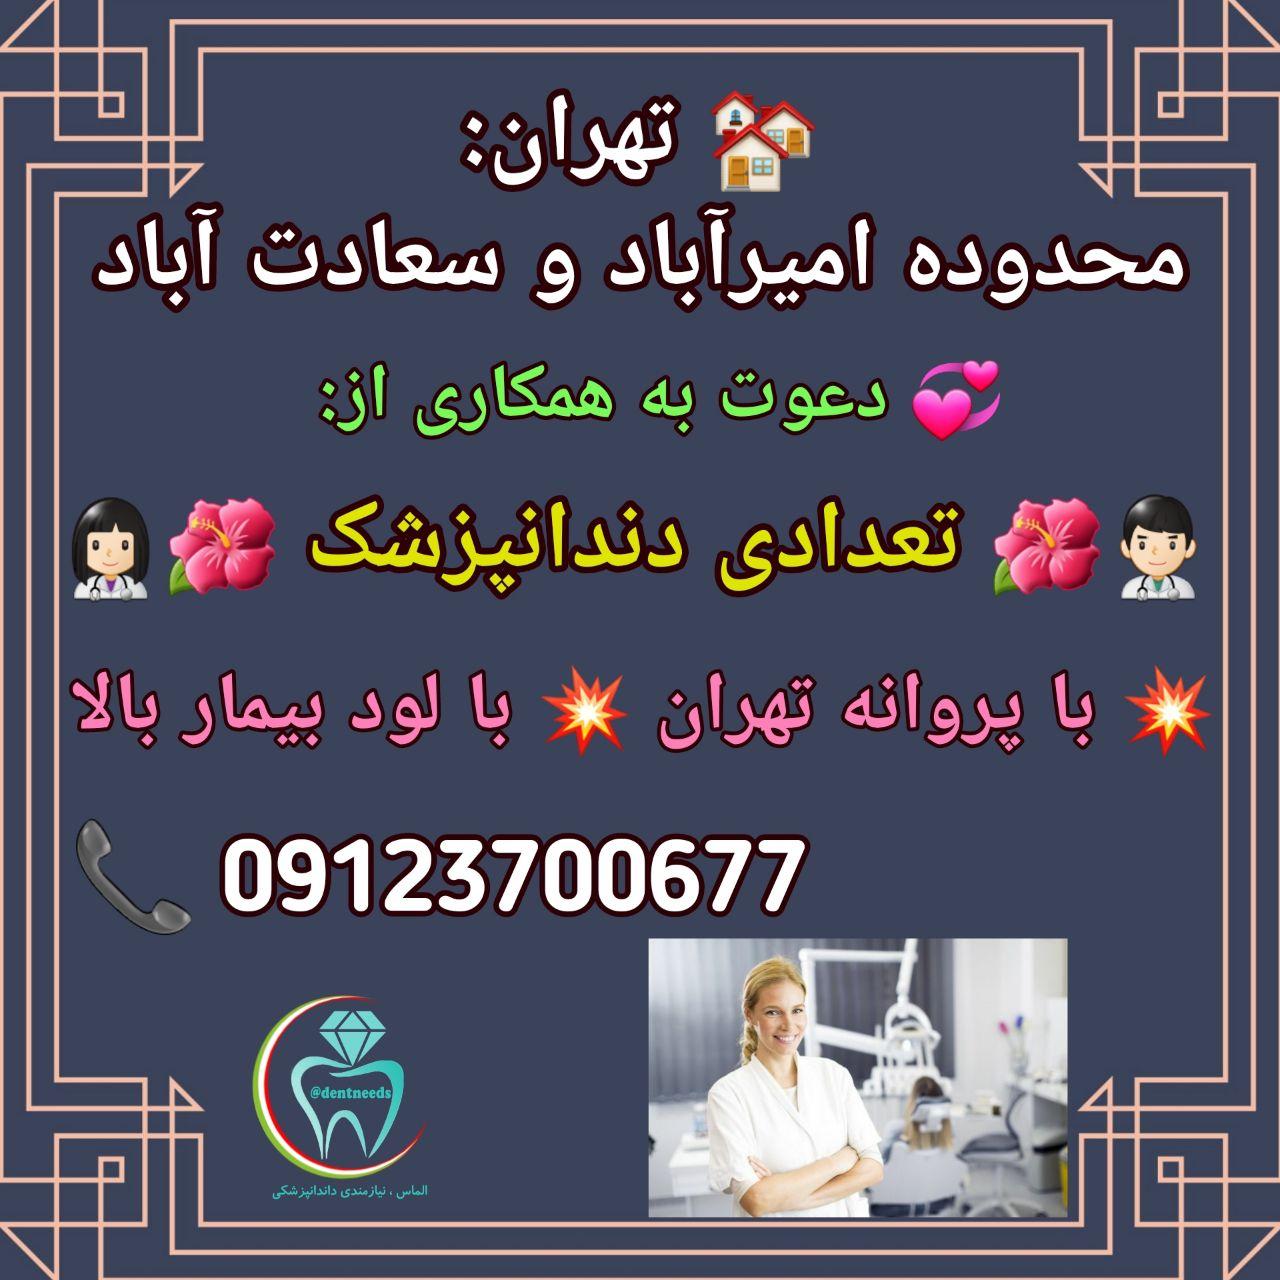 تهران: محدوده امیرآباد و سعادت آباد، دعوت به همکاری از تعدادی دندانپزشک